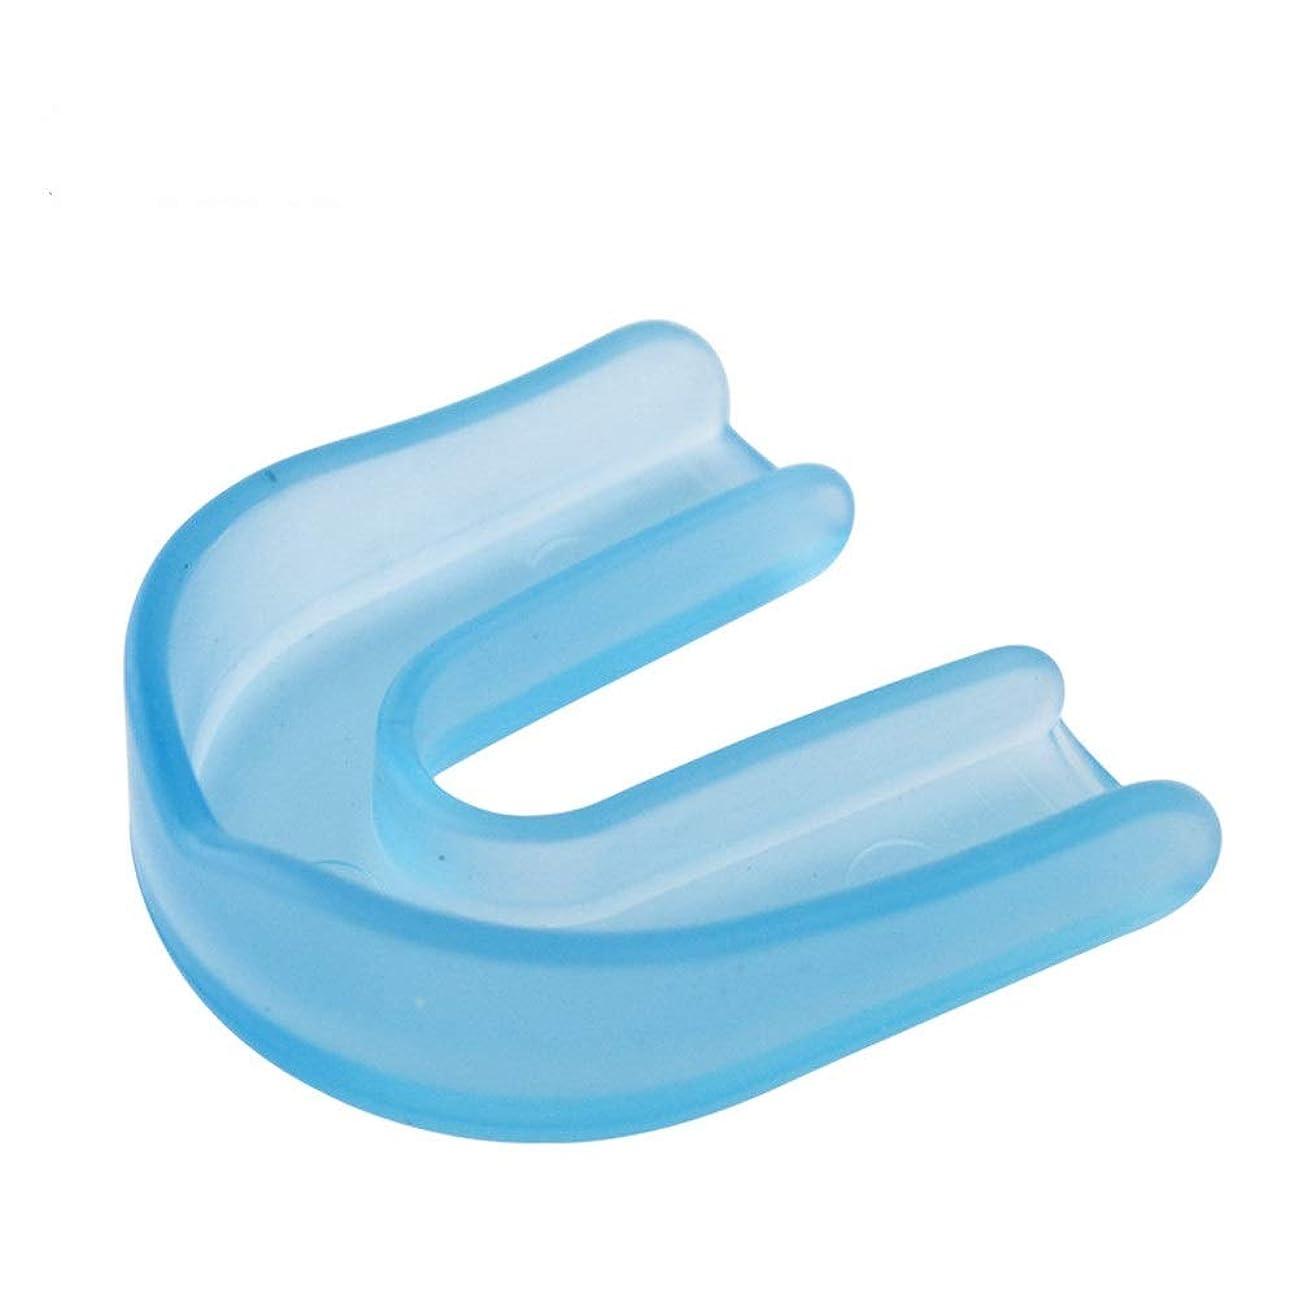 渦爆発する思春期のエヴァボクシングガード、三田テコンドーガード、セット衝突防止バスケットボールブレース(2個) (Color : Blue)